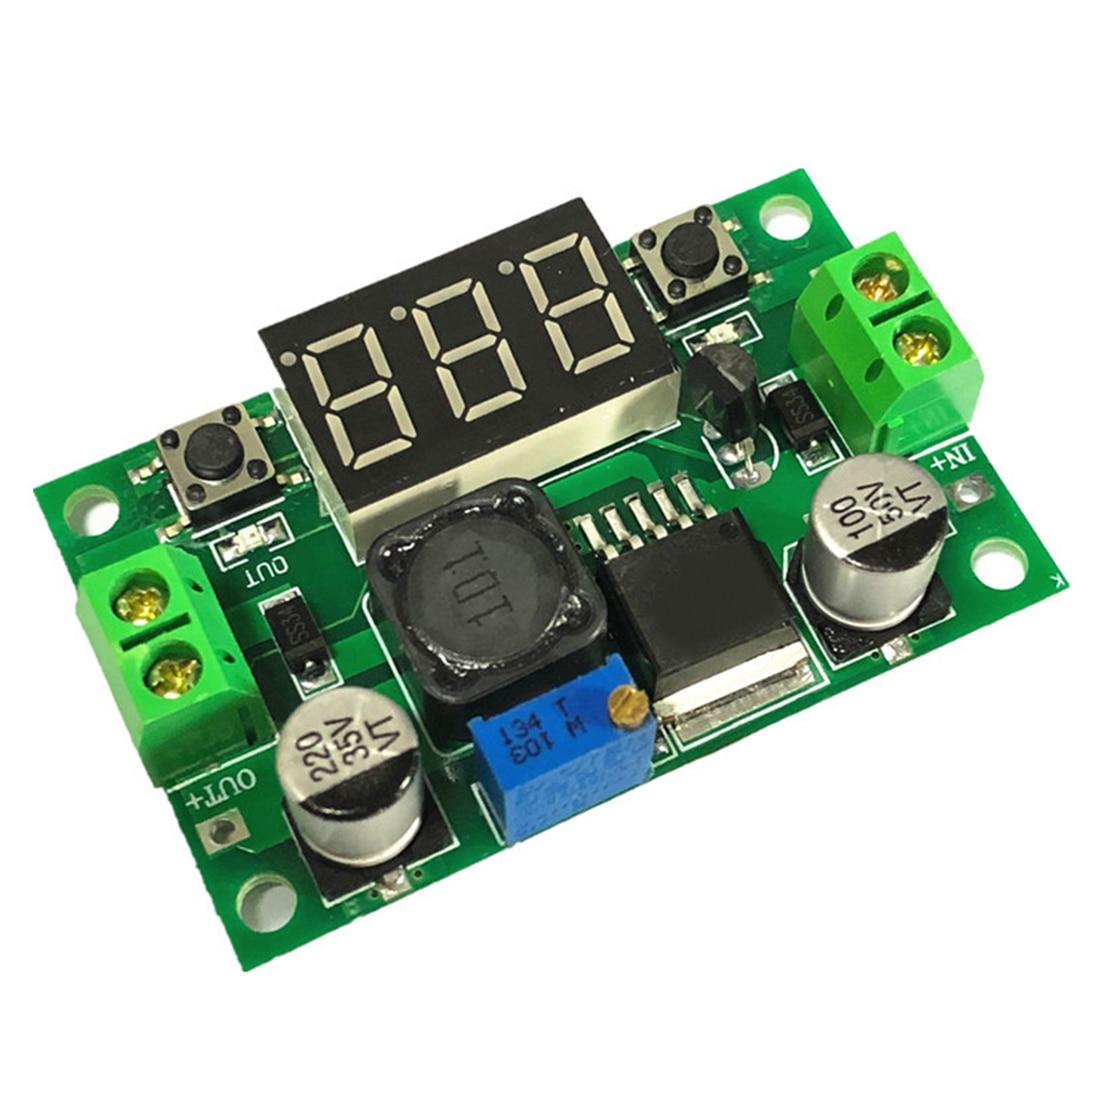 1 Stücke Dc-dc 4,0 ~ 40 V Zu 1,25-37 V Einstellbare Power Supply Module Lm2596 Spannung Regulator Module Mit Spannung Meter Display